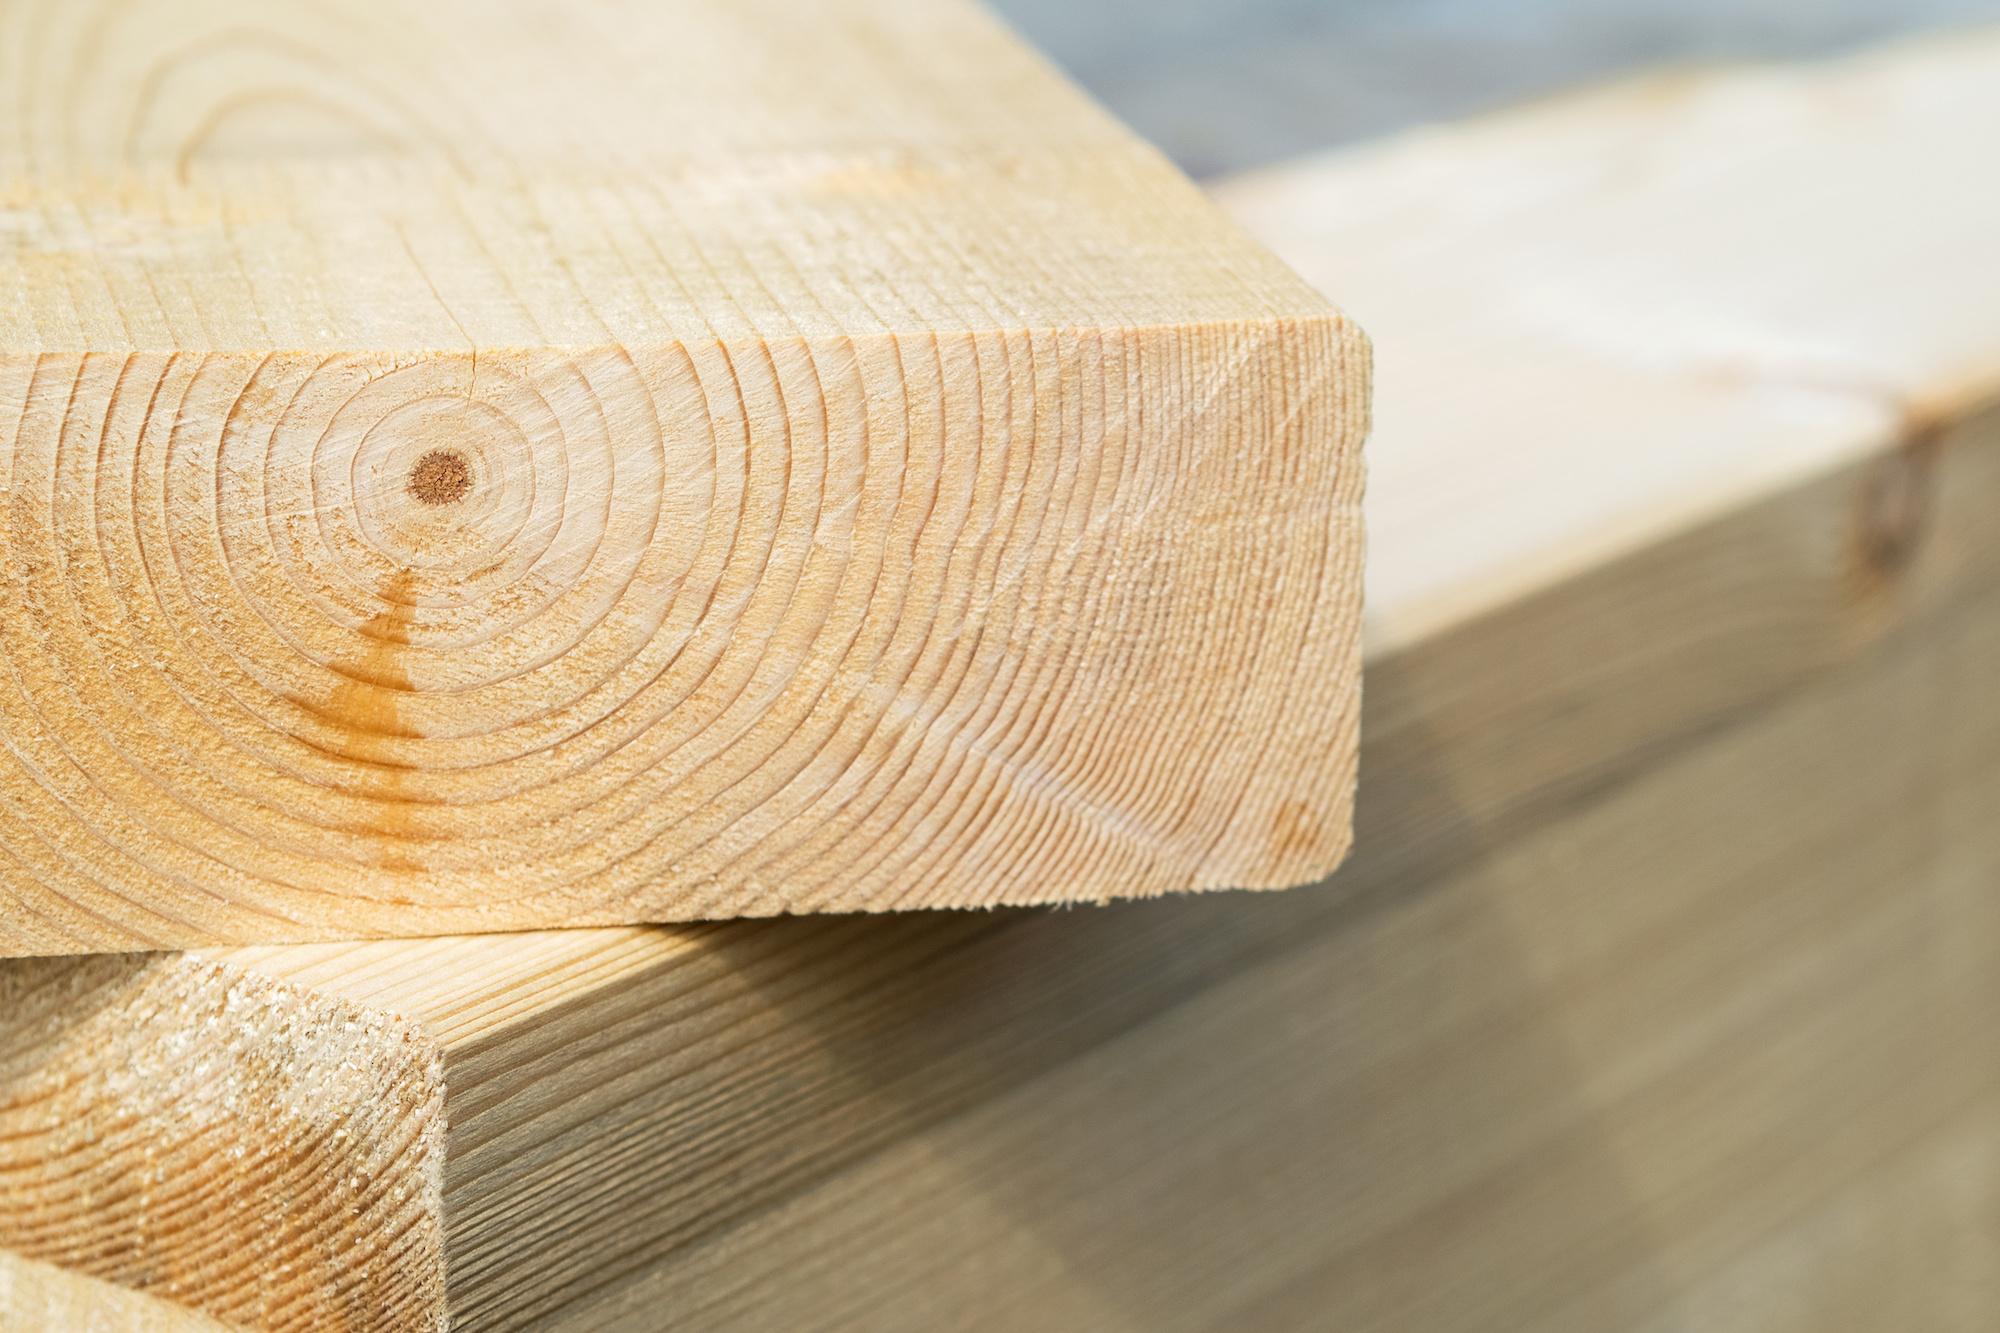 Holz ist der wohl wichtigste Naturbaustoff